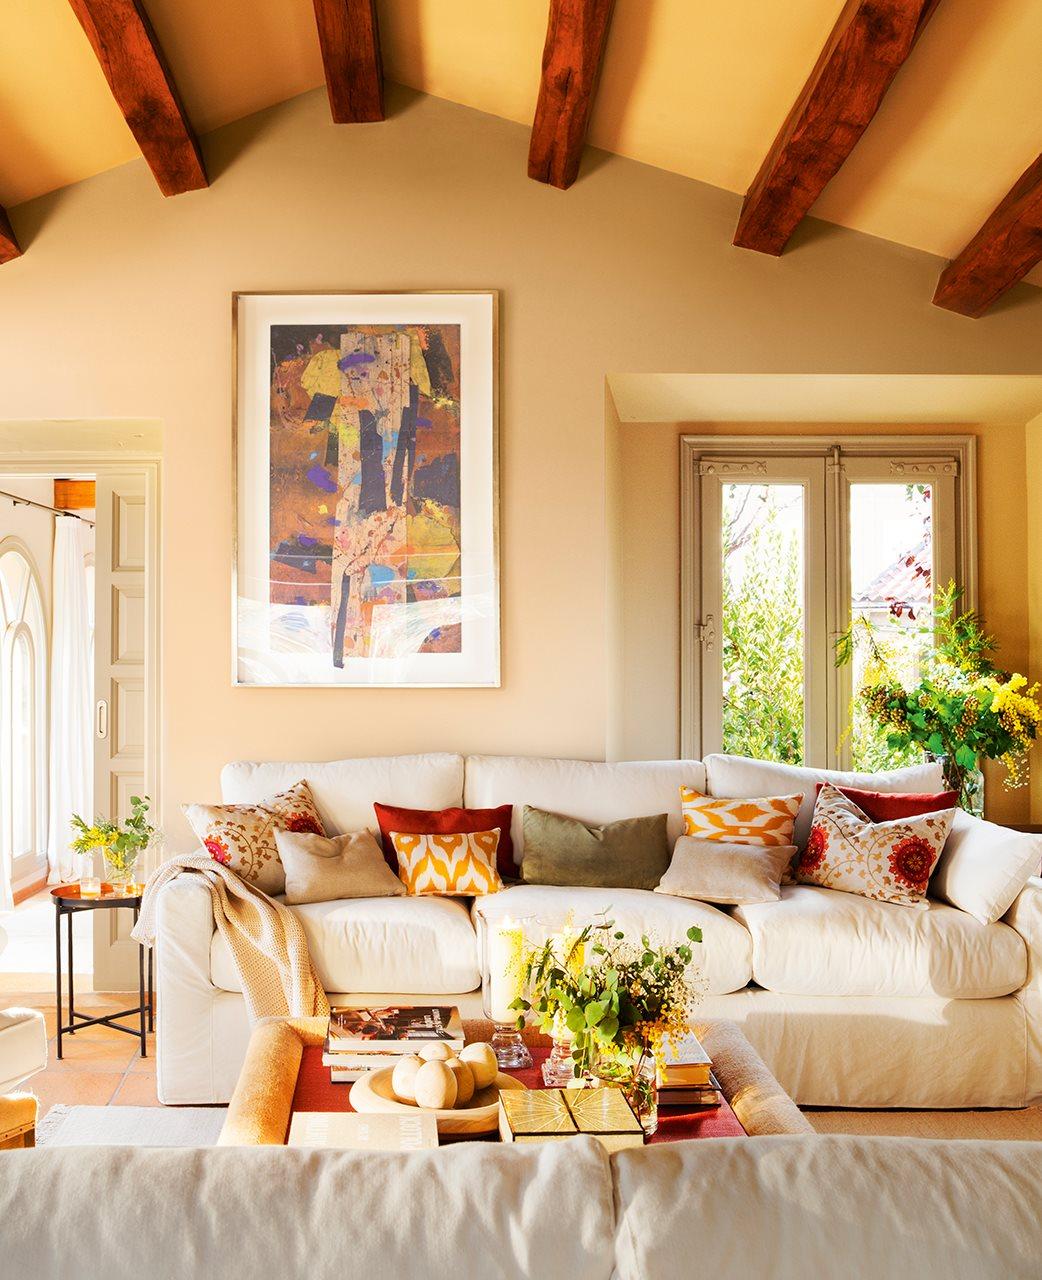 Una casa de campo en la costa brava - De decorar casas ...